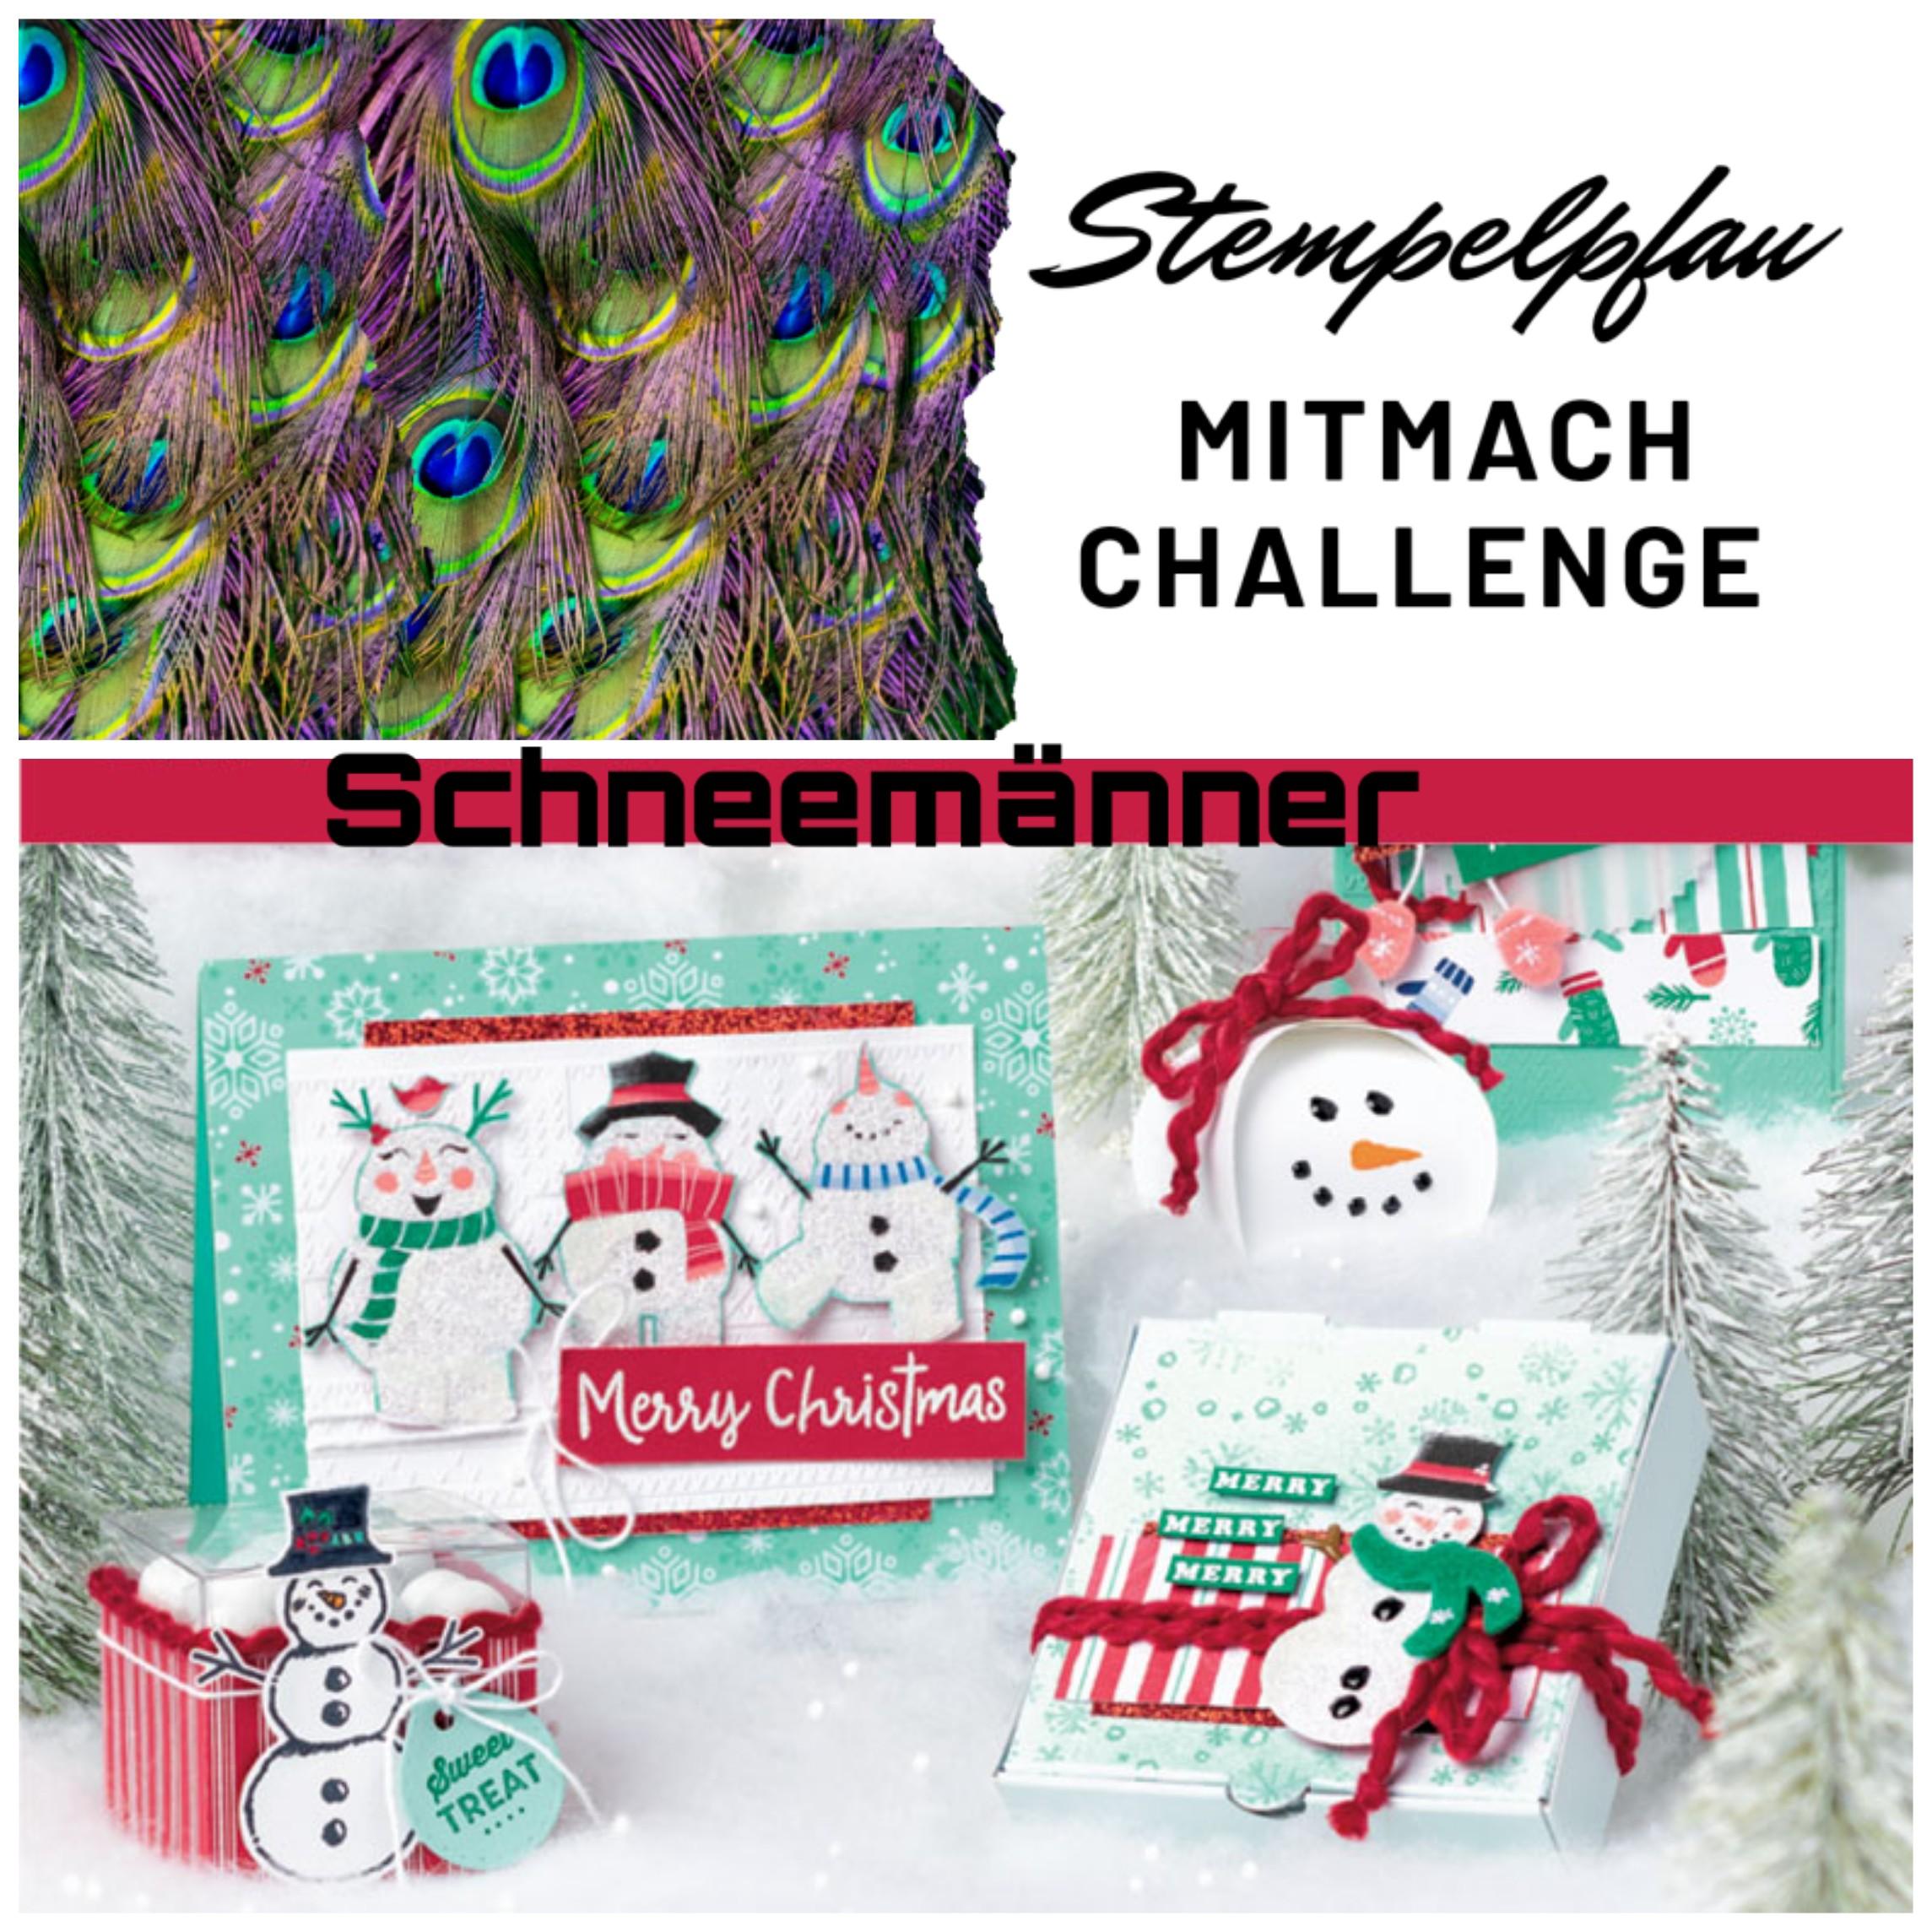 Mitmach Challenge November vom Stempelpfau